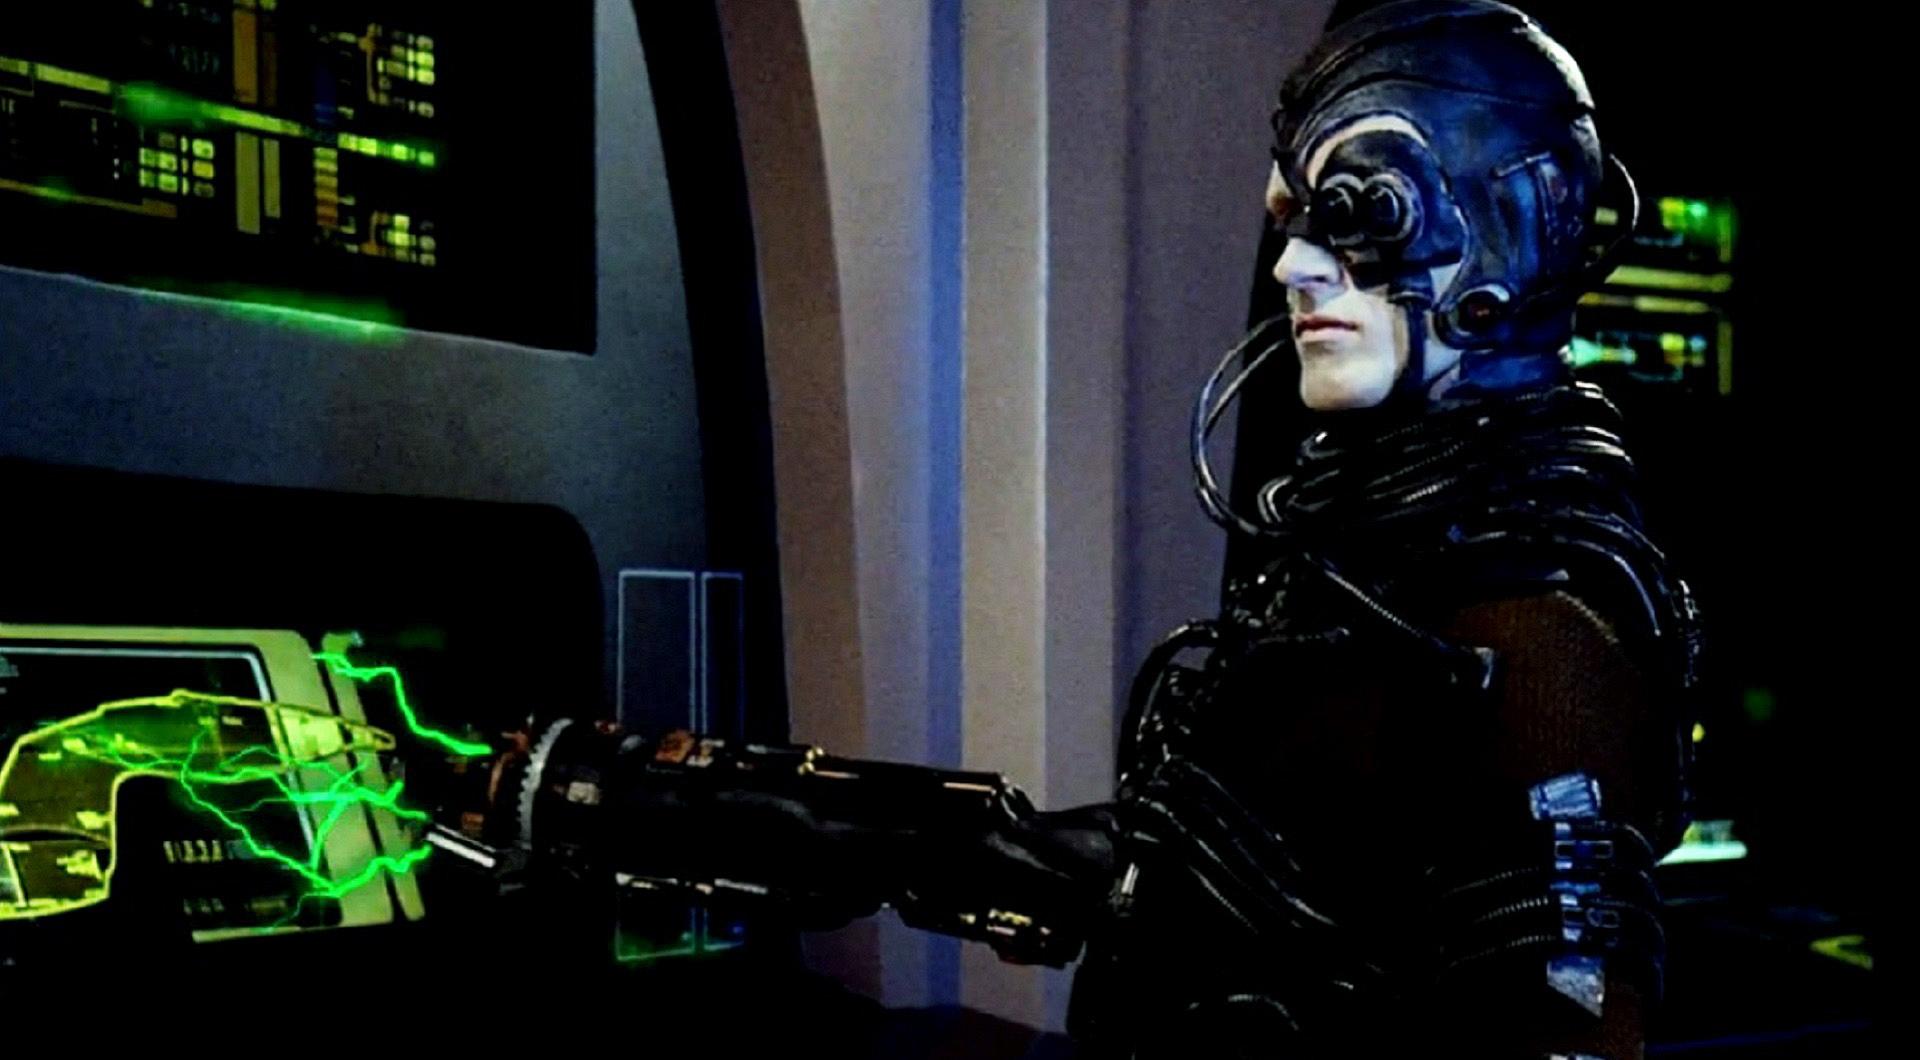 3. The Borg